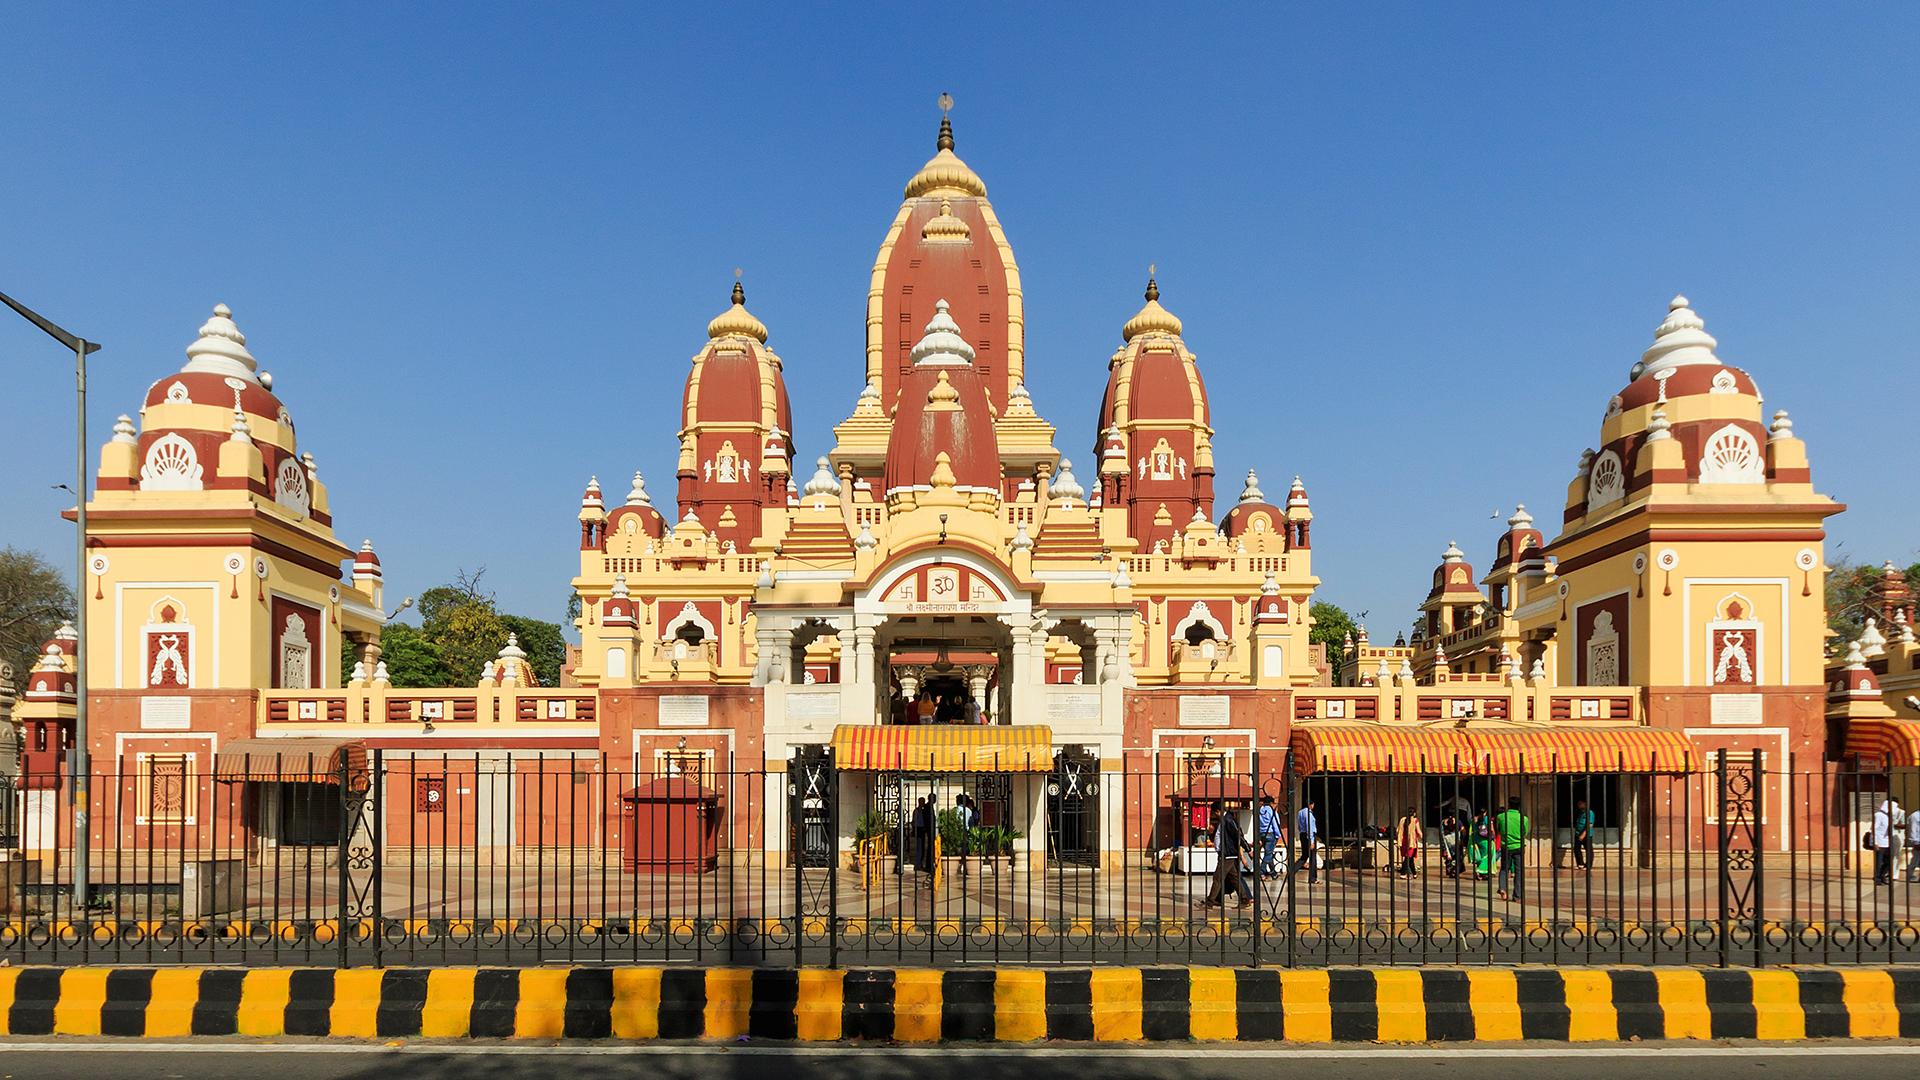 Este es el Itinerario para viajar a India por la ruta de Mahatma Gandhi